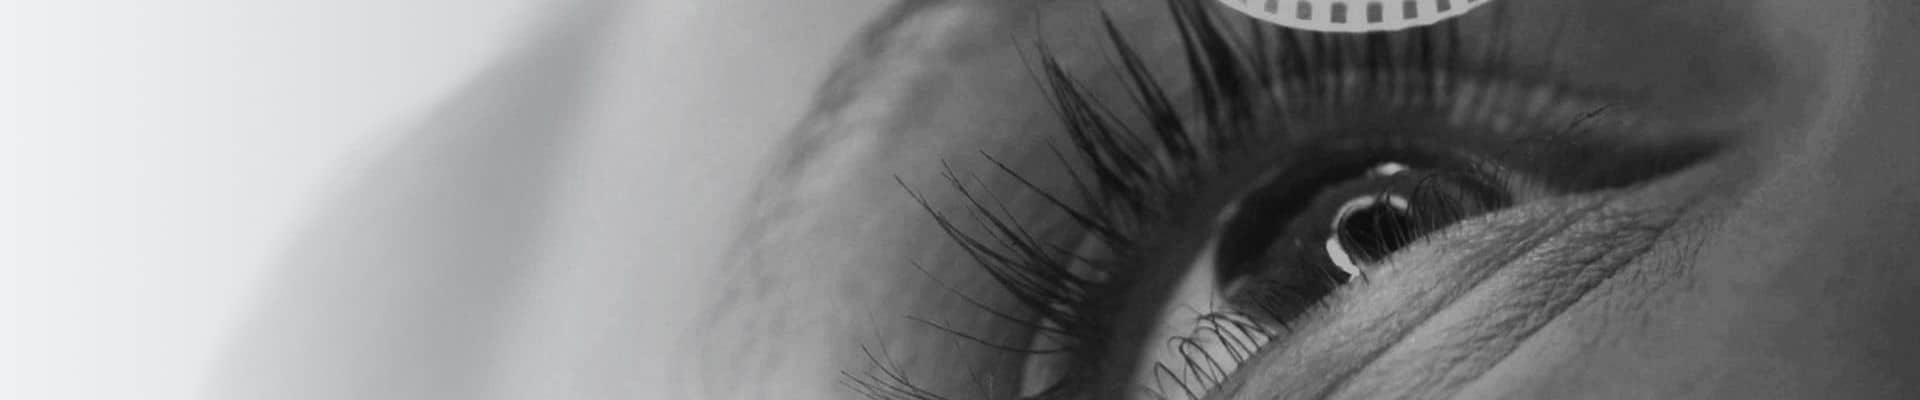 szürkehályog műtét utáni látáscsökkenés